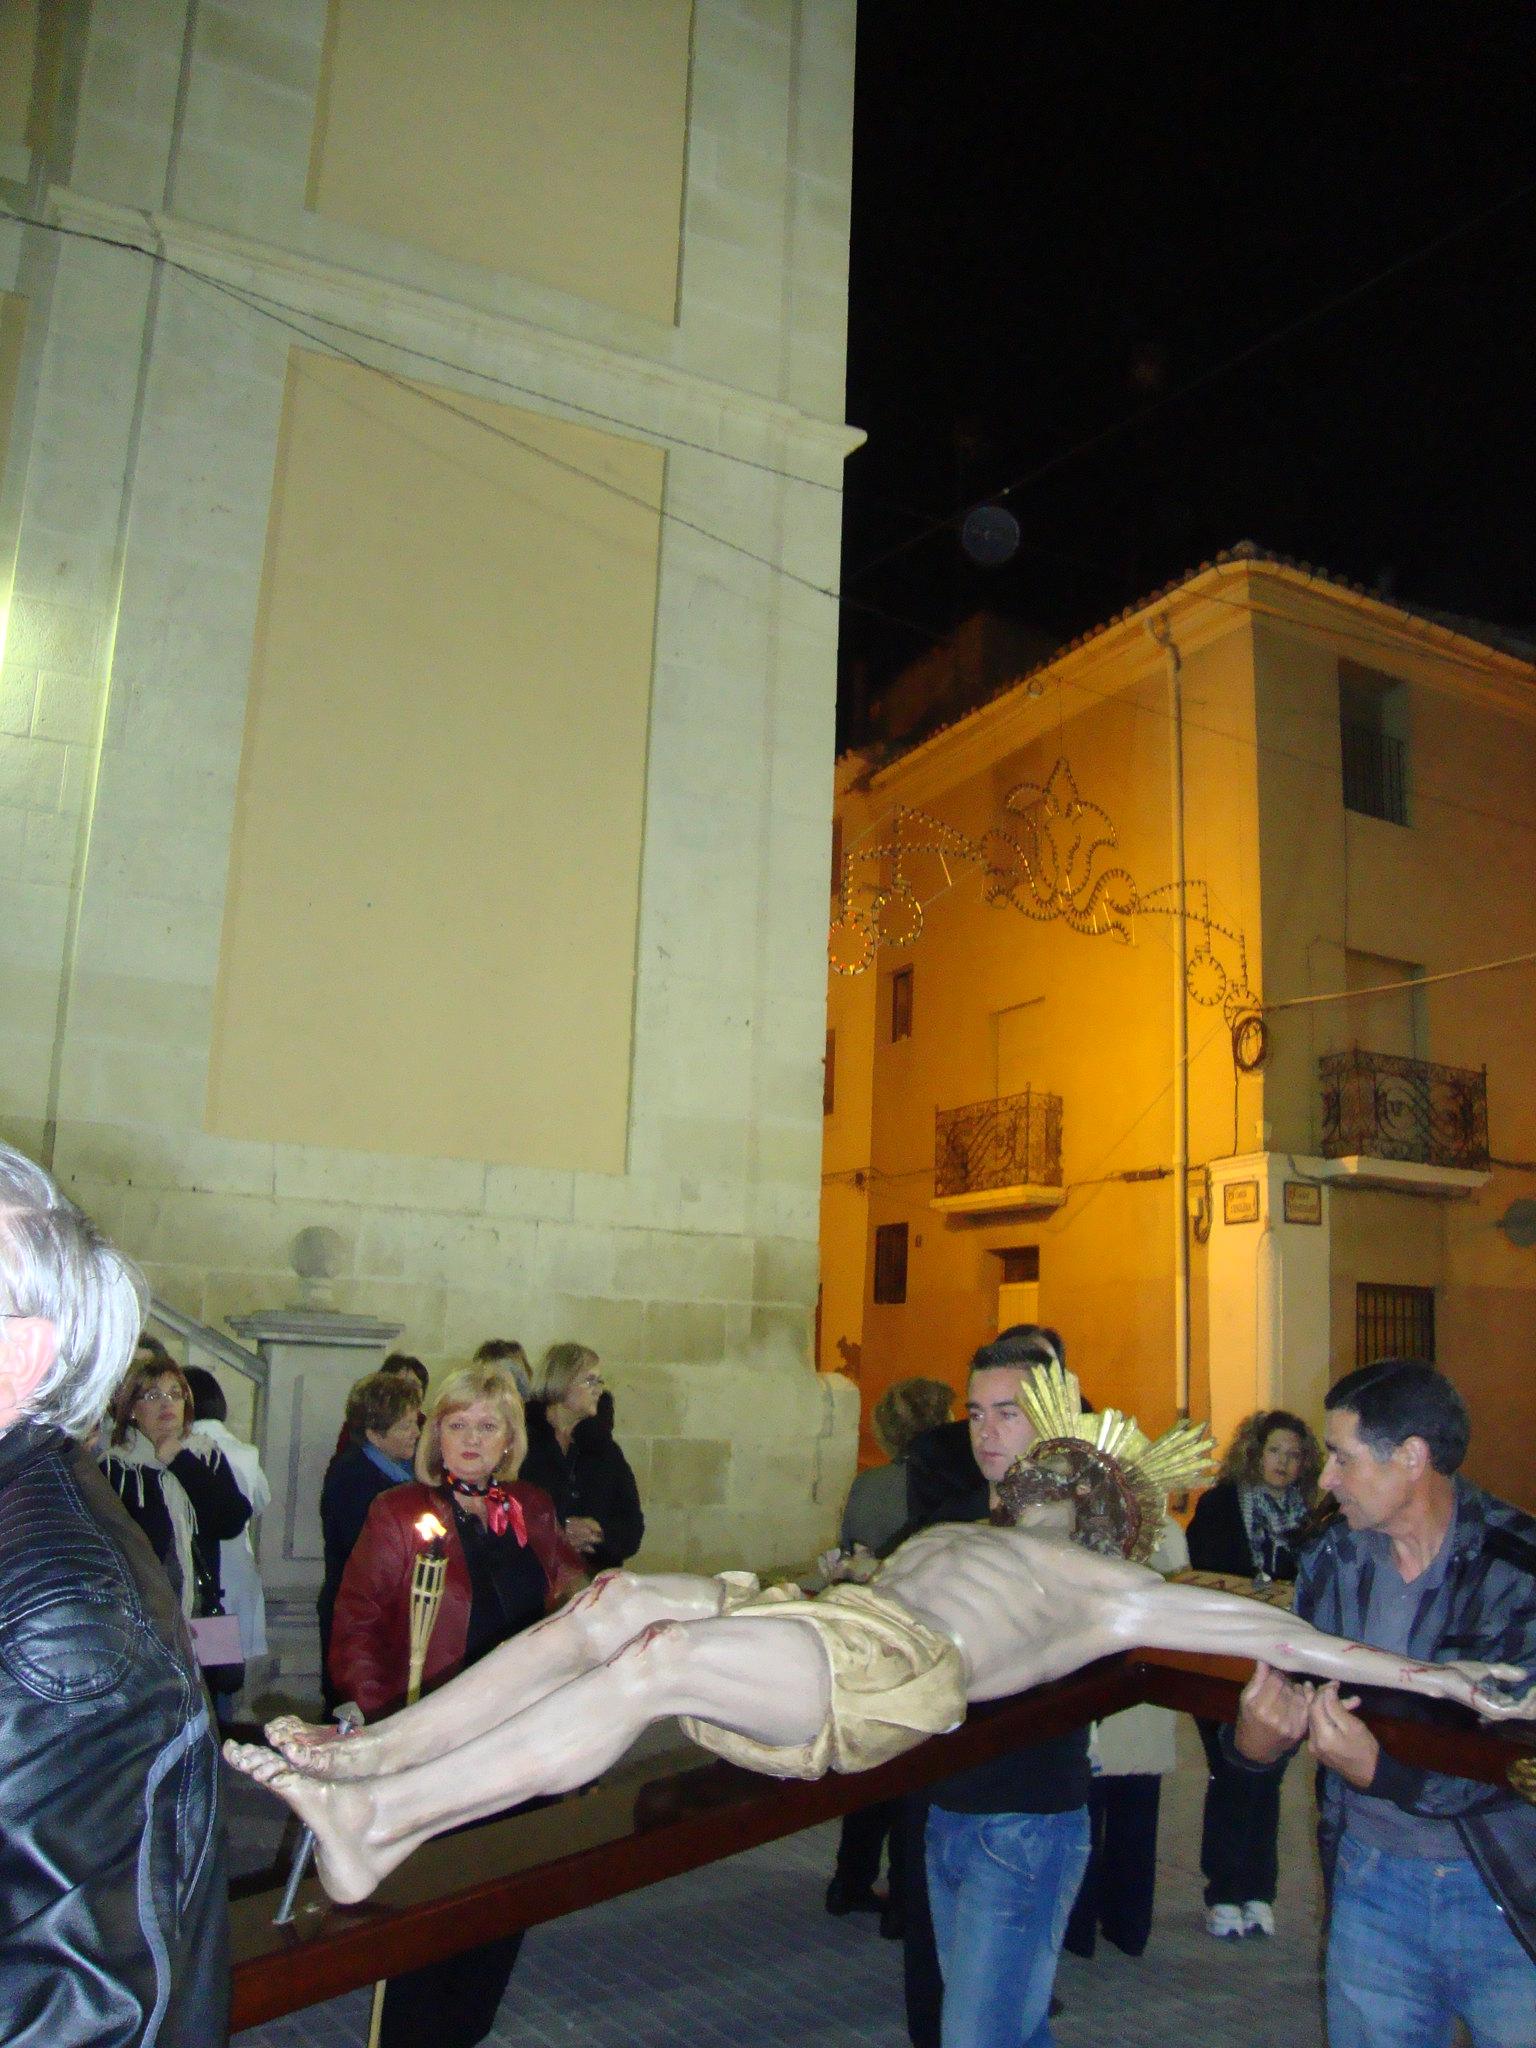 (2011-04-15) - II Vía Crucis nocturno - Javier Montesinos Villaplana -  (10)